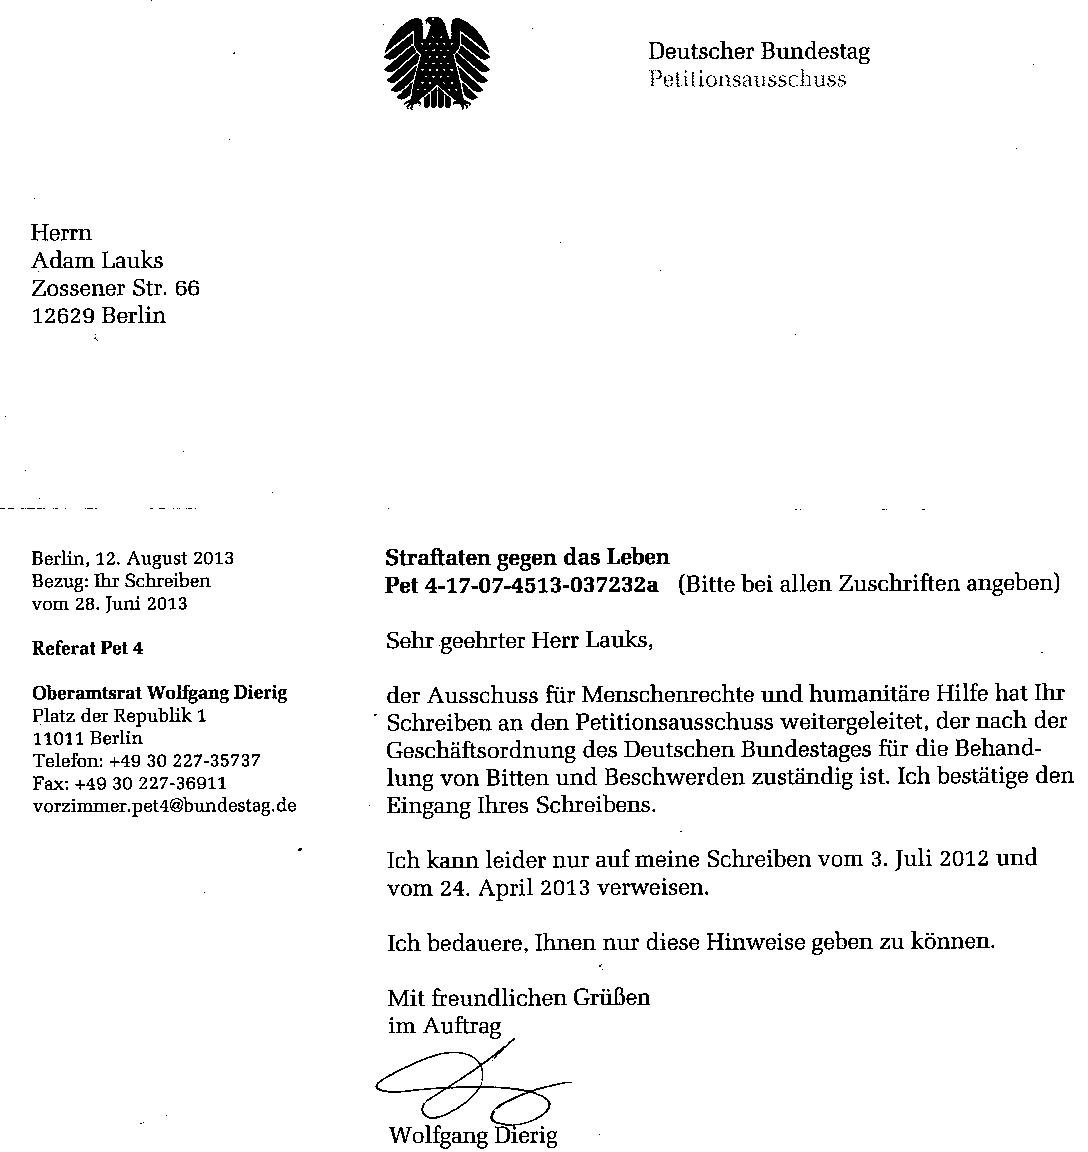 Briefe Mit Anlagen : Offener brief an den bundestagsprÄsidenten prof dr